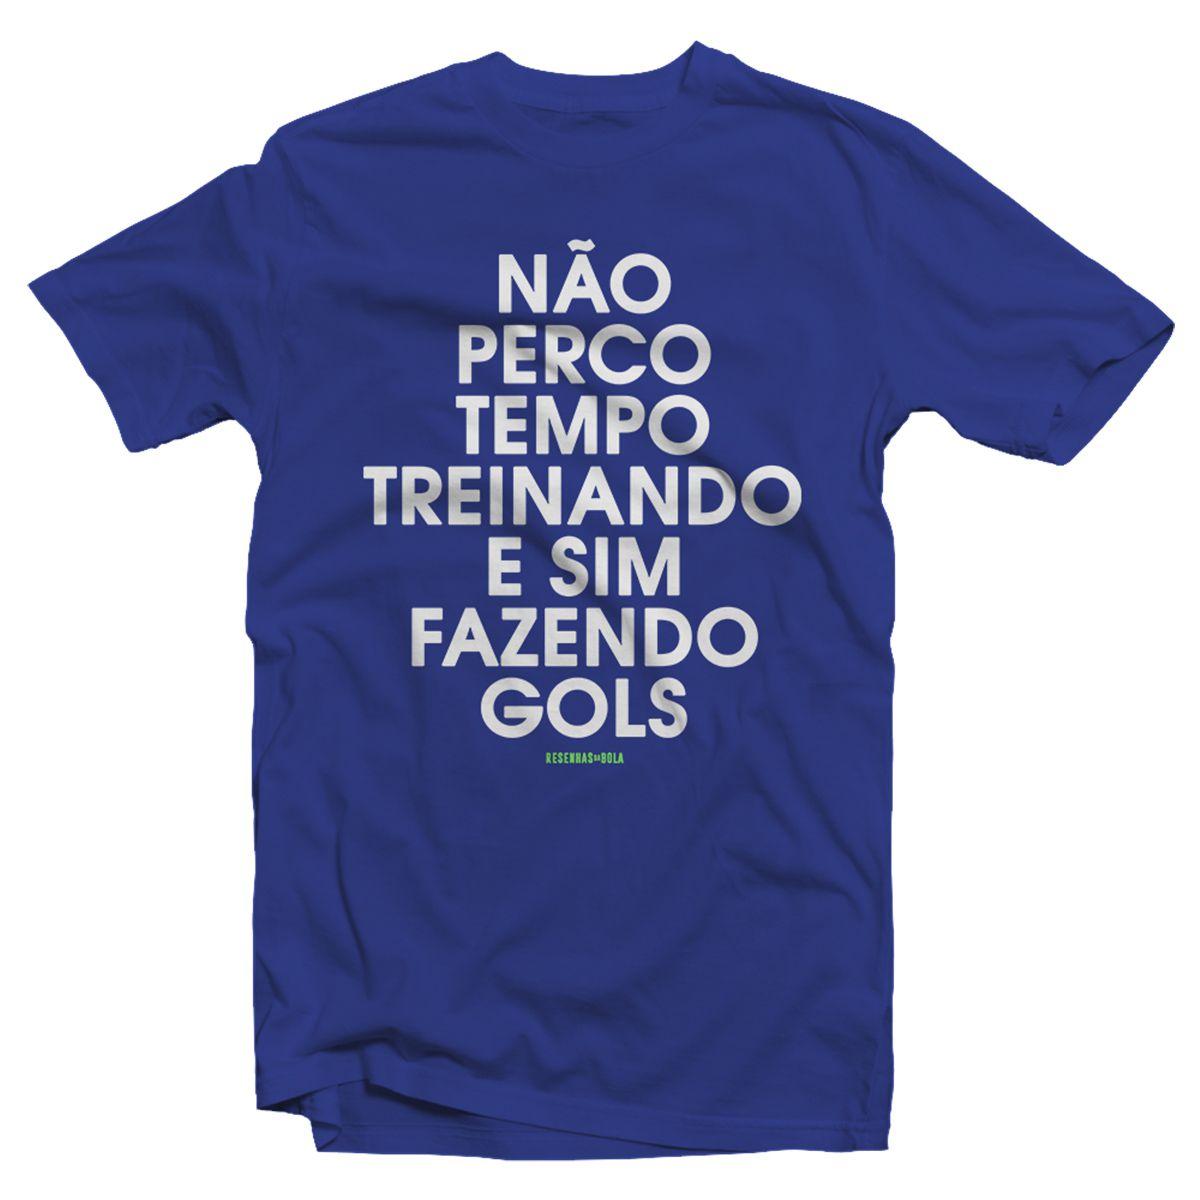 Camiseta - NÃO PERCO TEMPO TREINANDO E SIM FAZENDO GOLS. Masculino